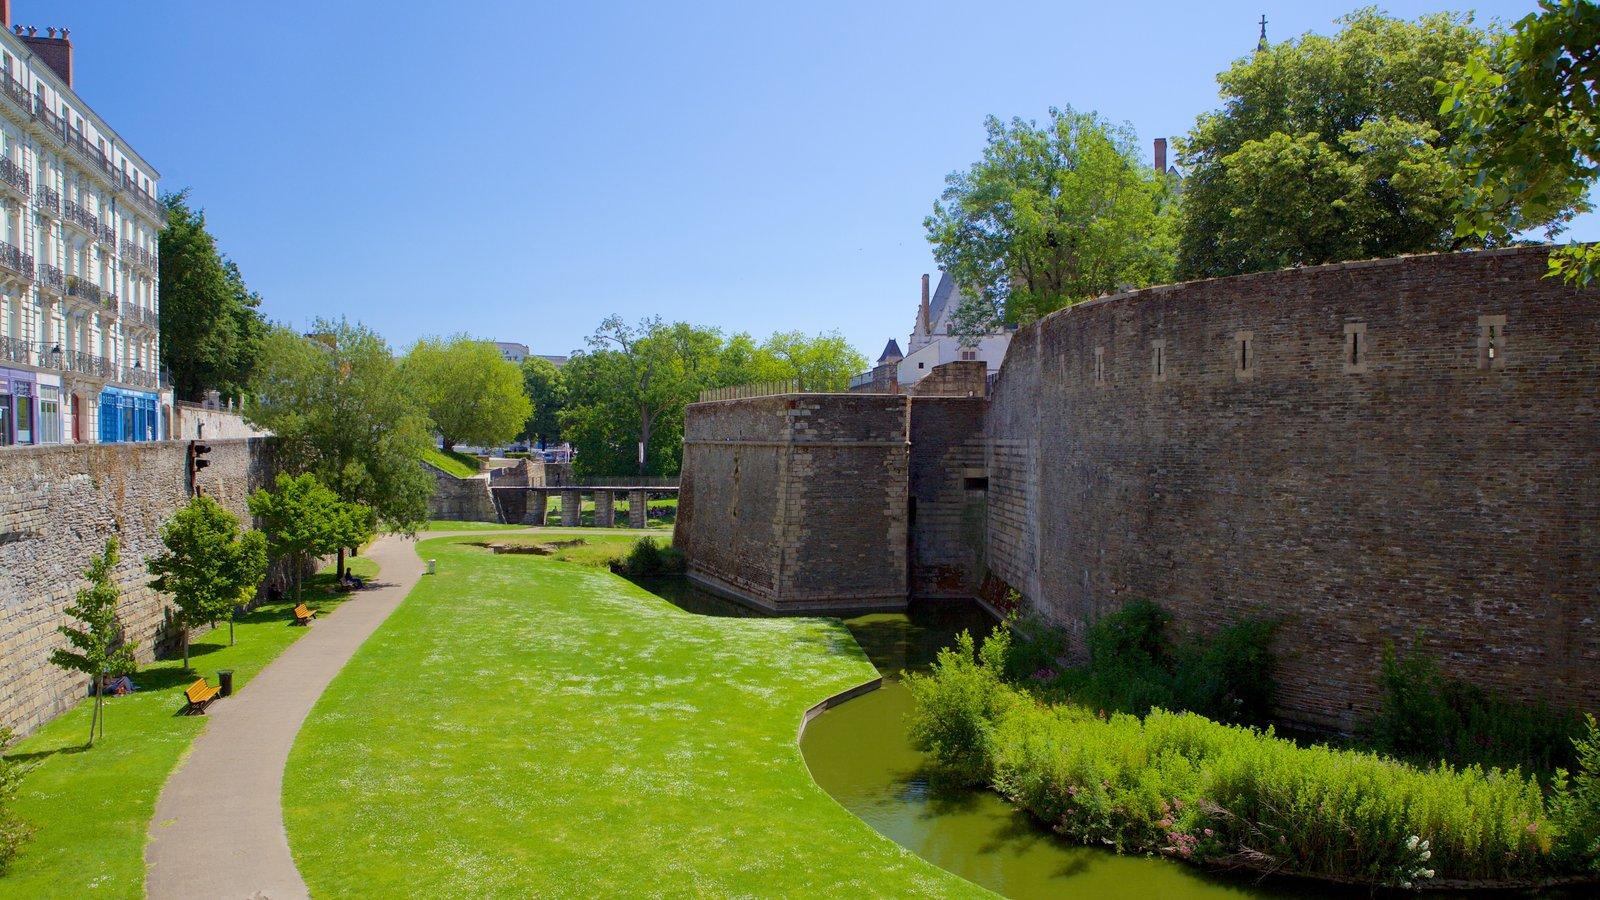 Nantes caracterizando elementos de patrimônio e um parque